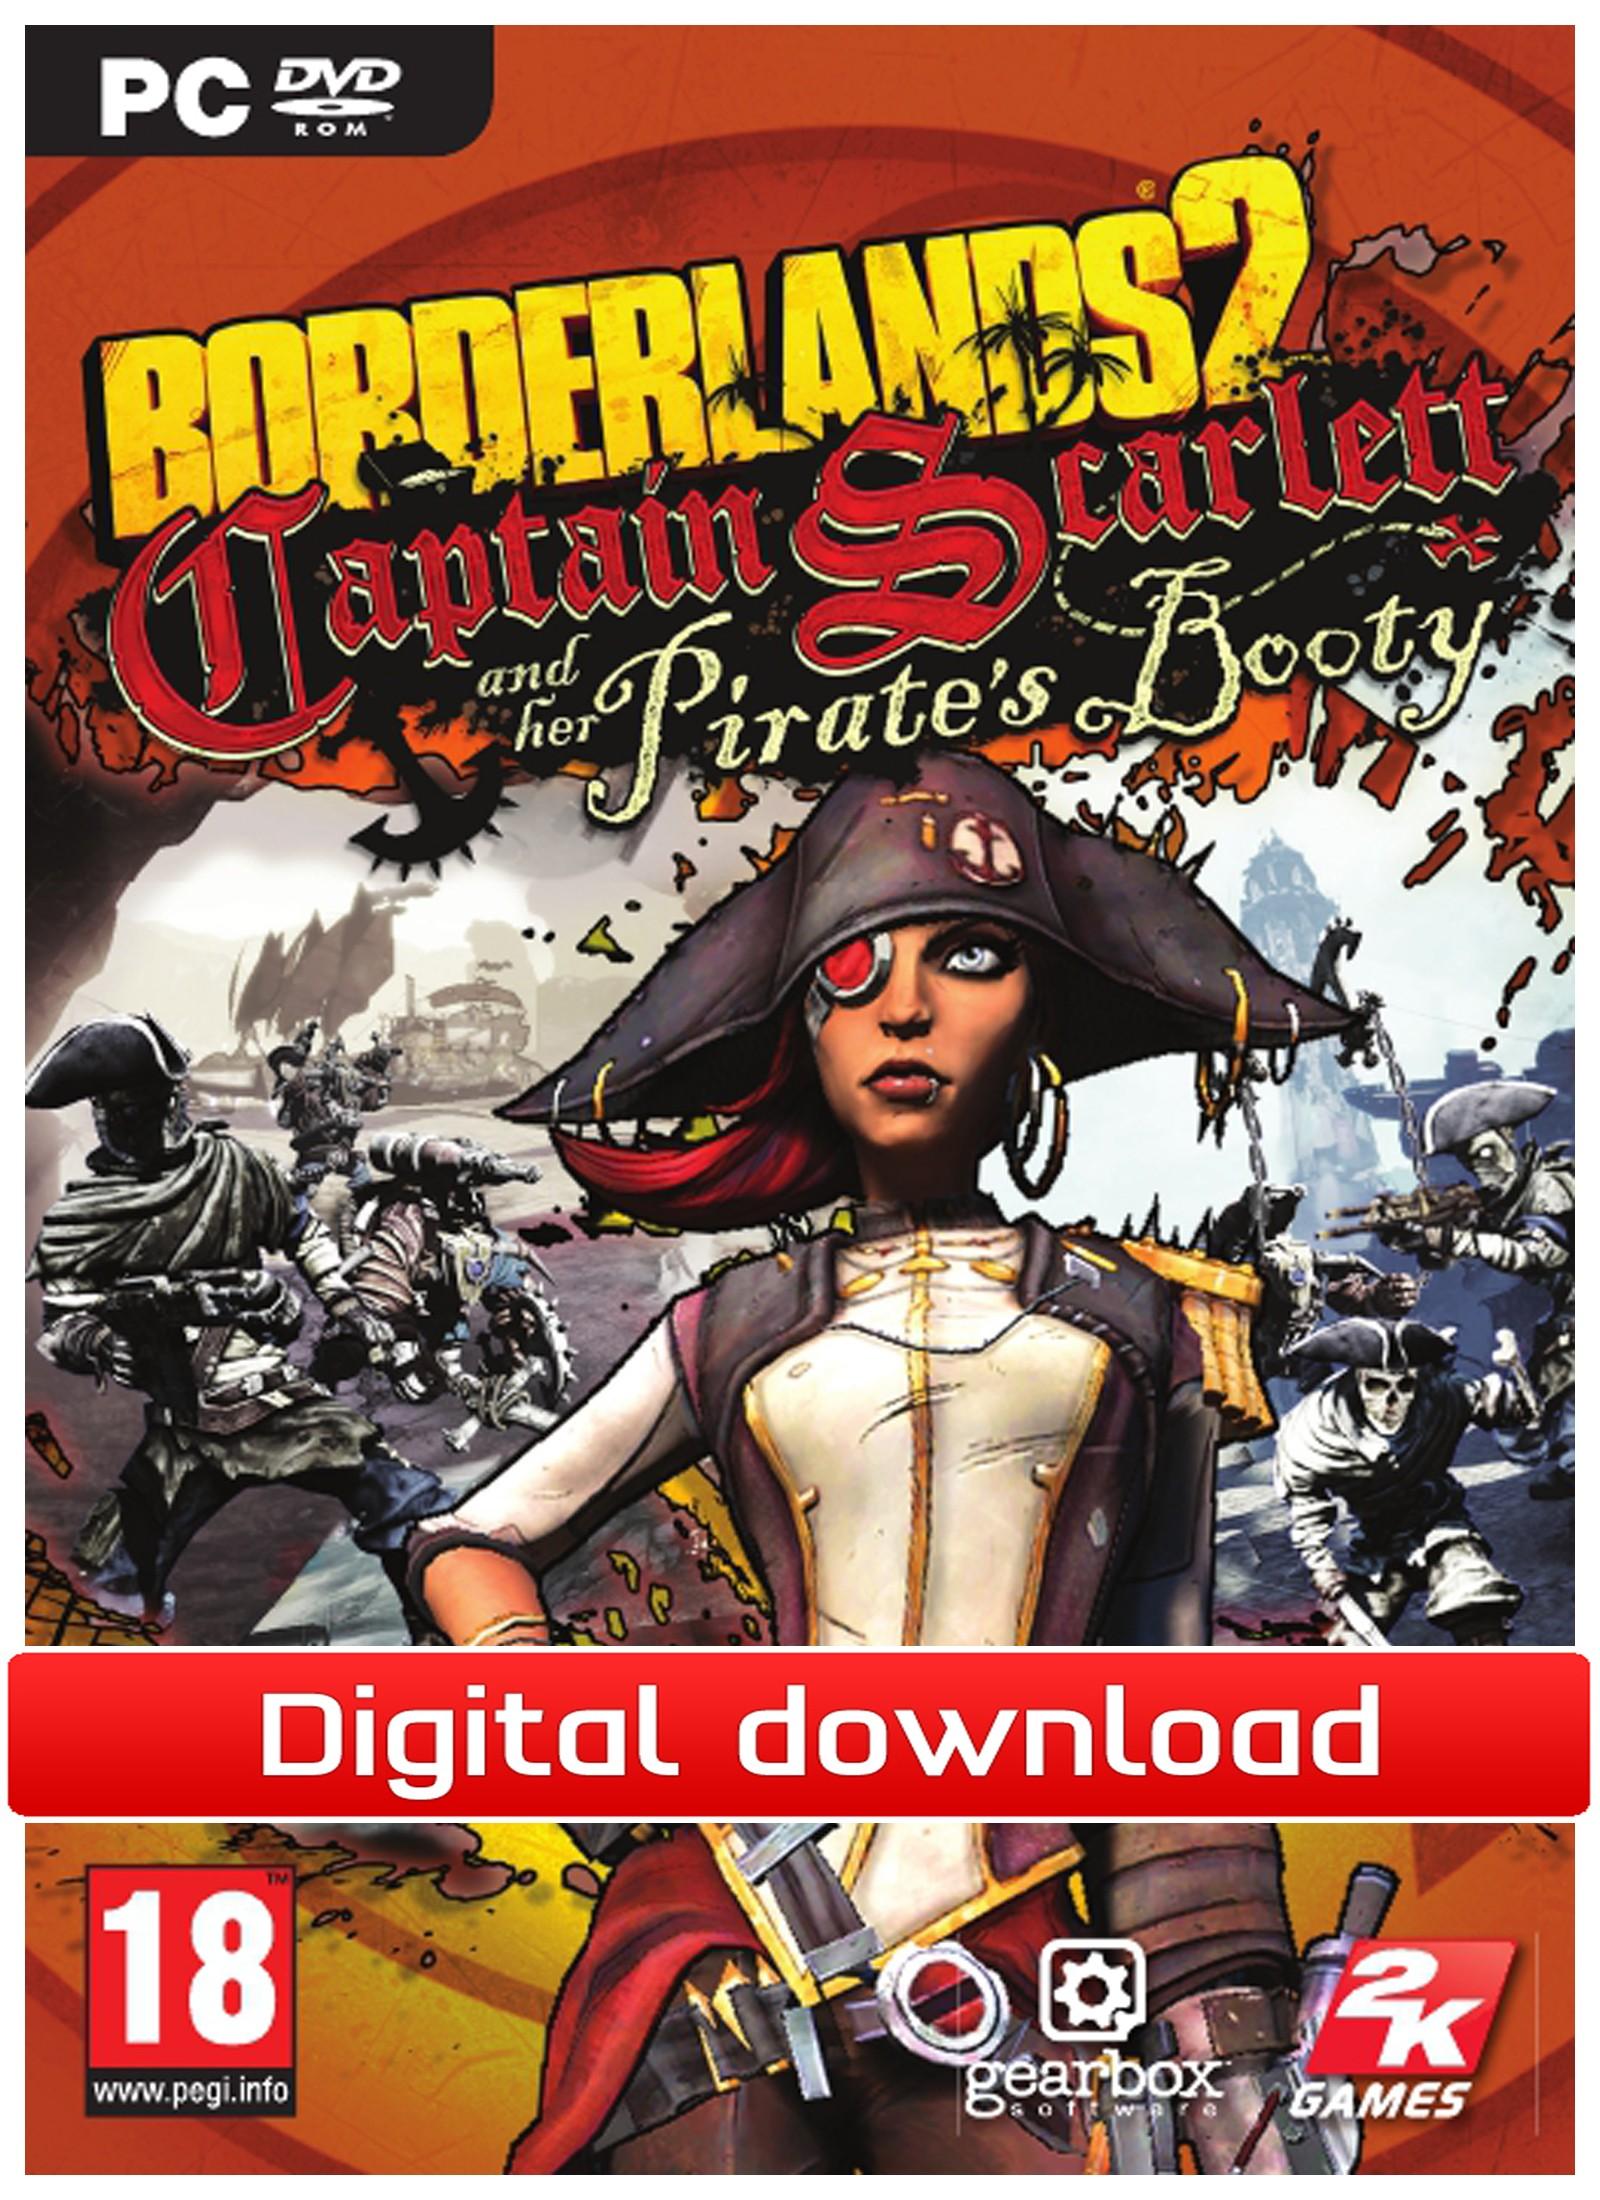 30812 : Borderlands 2: Captain Scarlett (PC nedlastning)